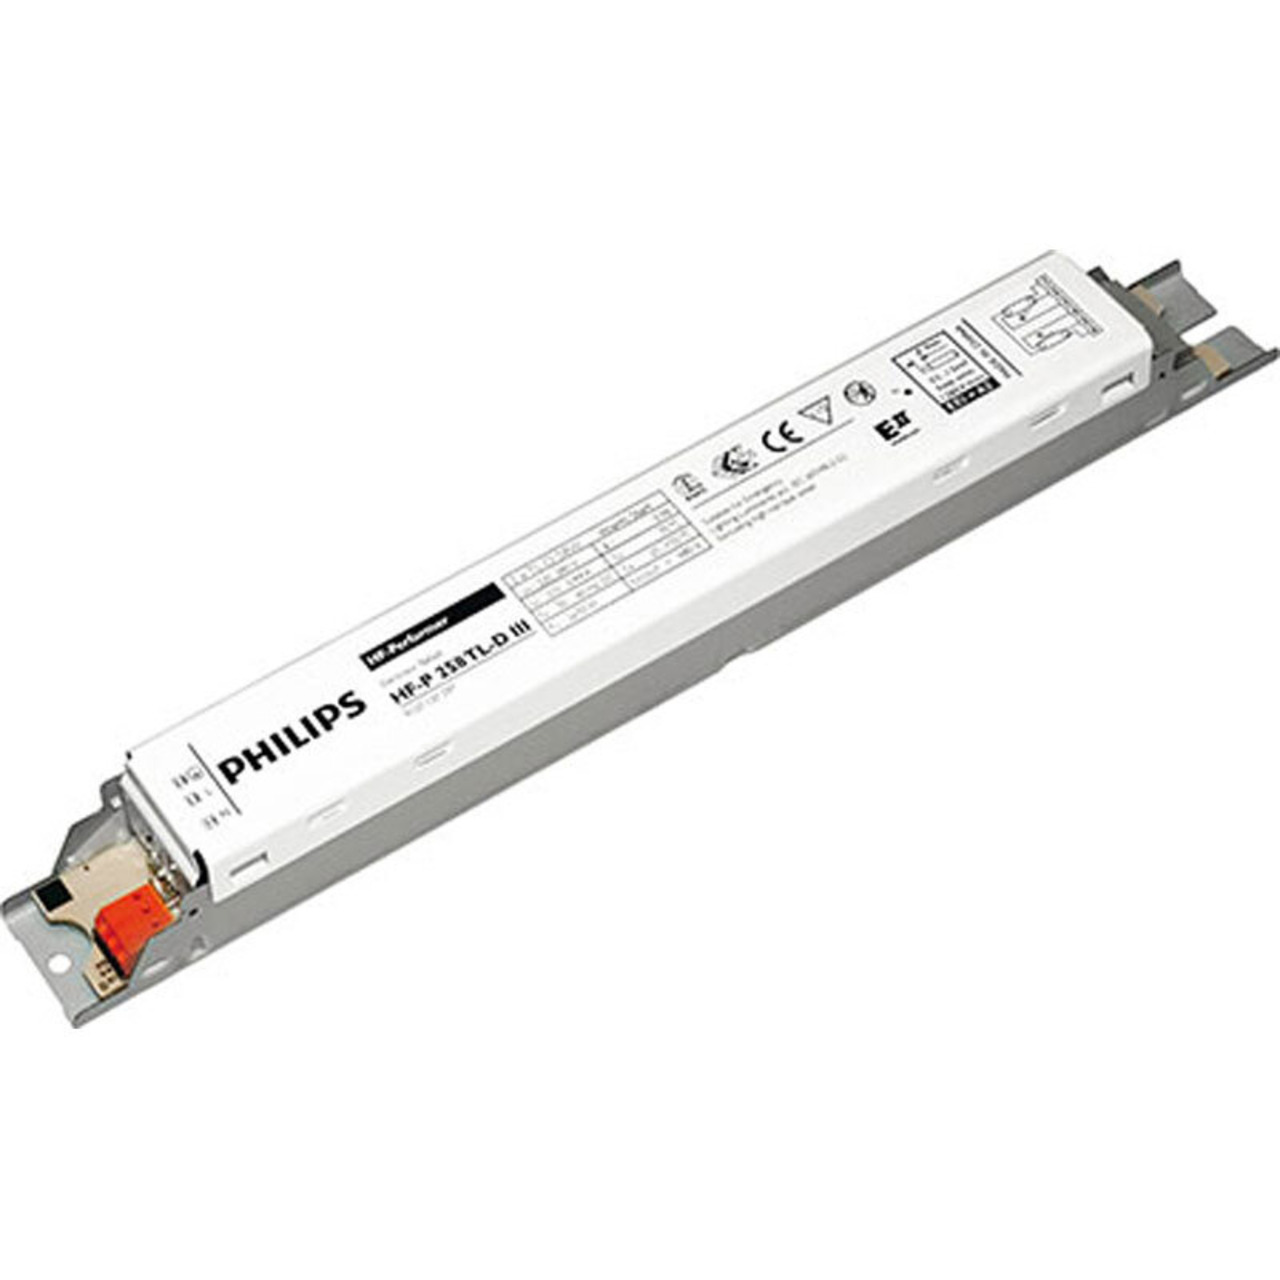 Philips Elektronisches Vorschaltgerät HF-P 258 TL-D- nicht dimmbar- 2x 58 W